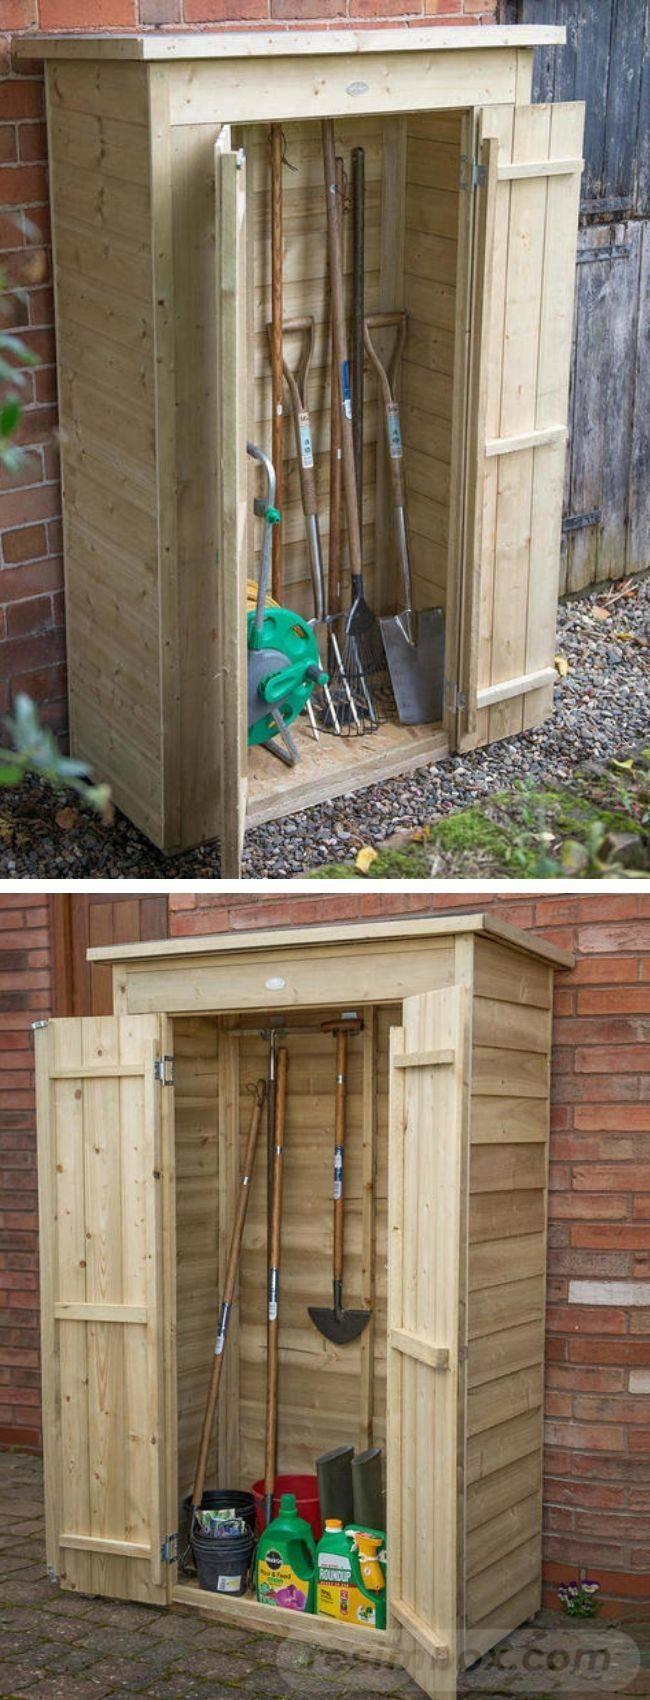 garden garage ideas-330522060152921226